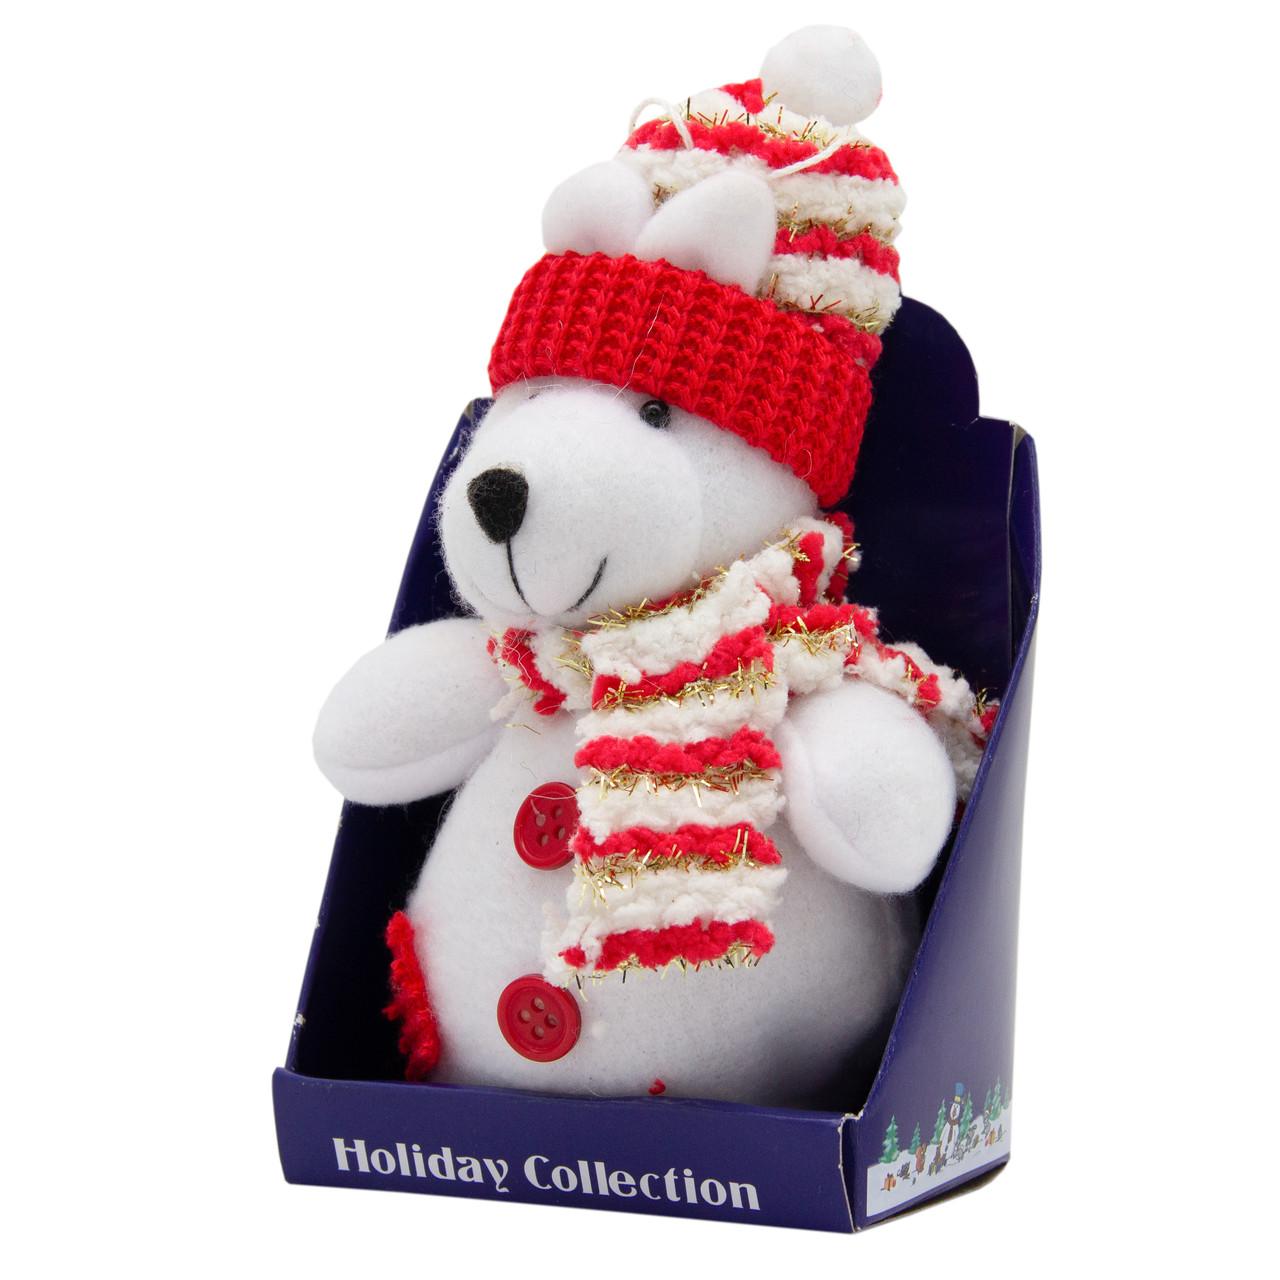 Новогодняя мягкая сувенирная фигурка Белый медведь с красным шарфом, 14 см (000029-13)